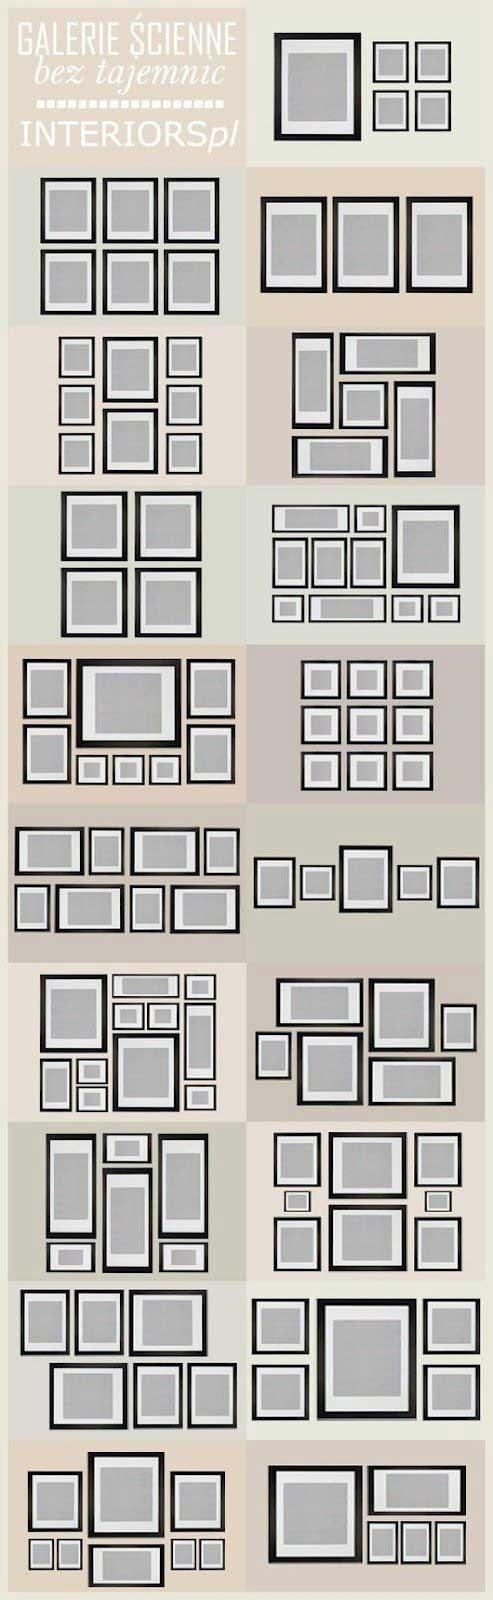 Wall Gallery Visual